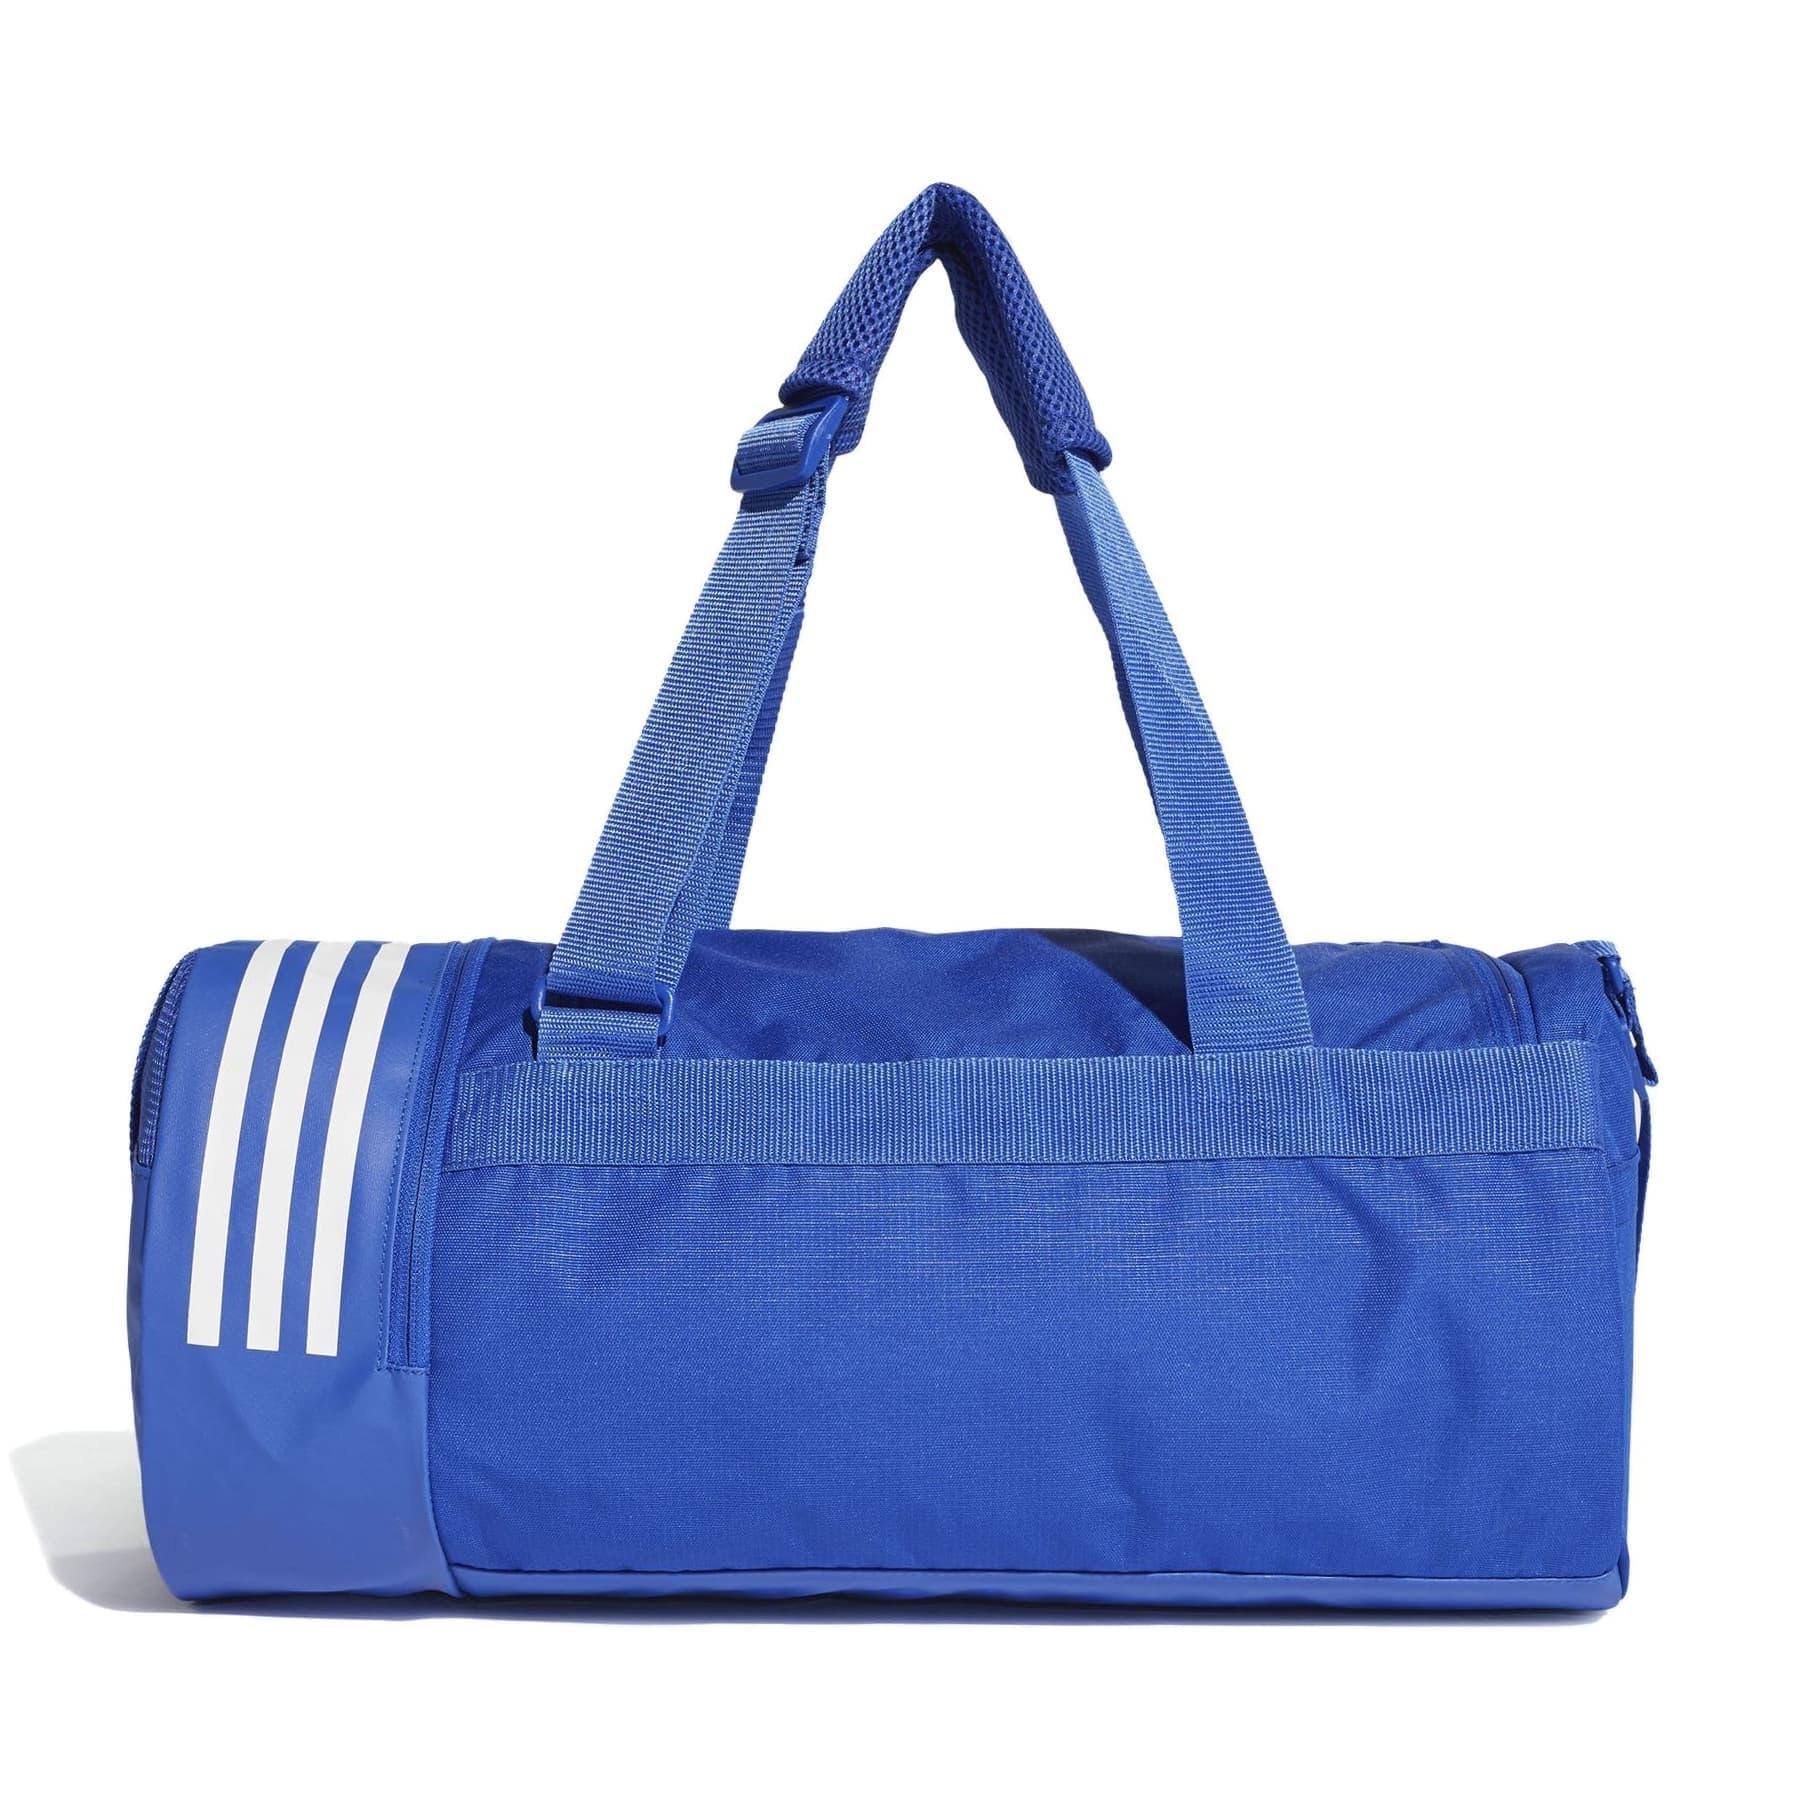 3 Bantlı Dönüşebilen Mavi Duffel Çanta